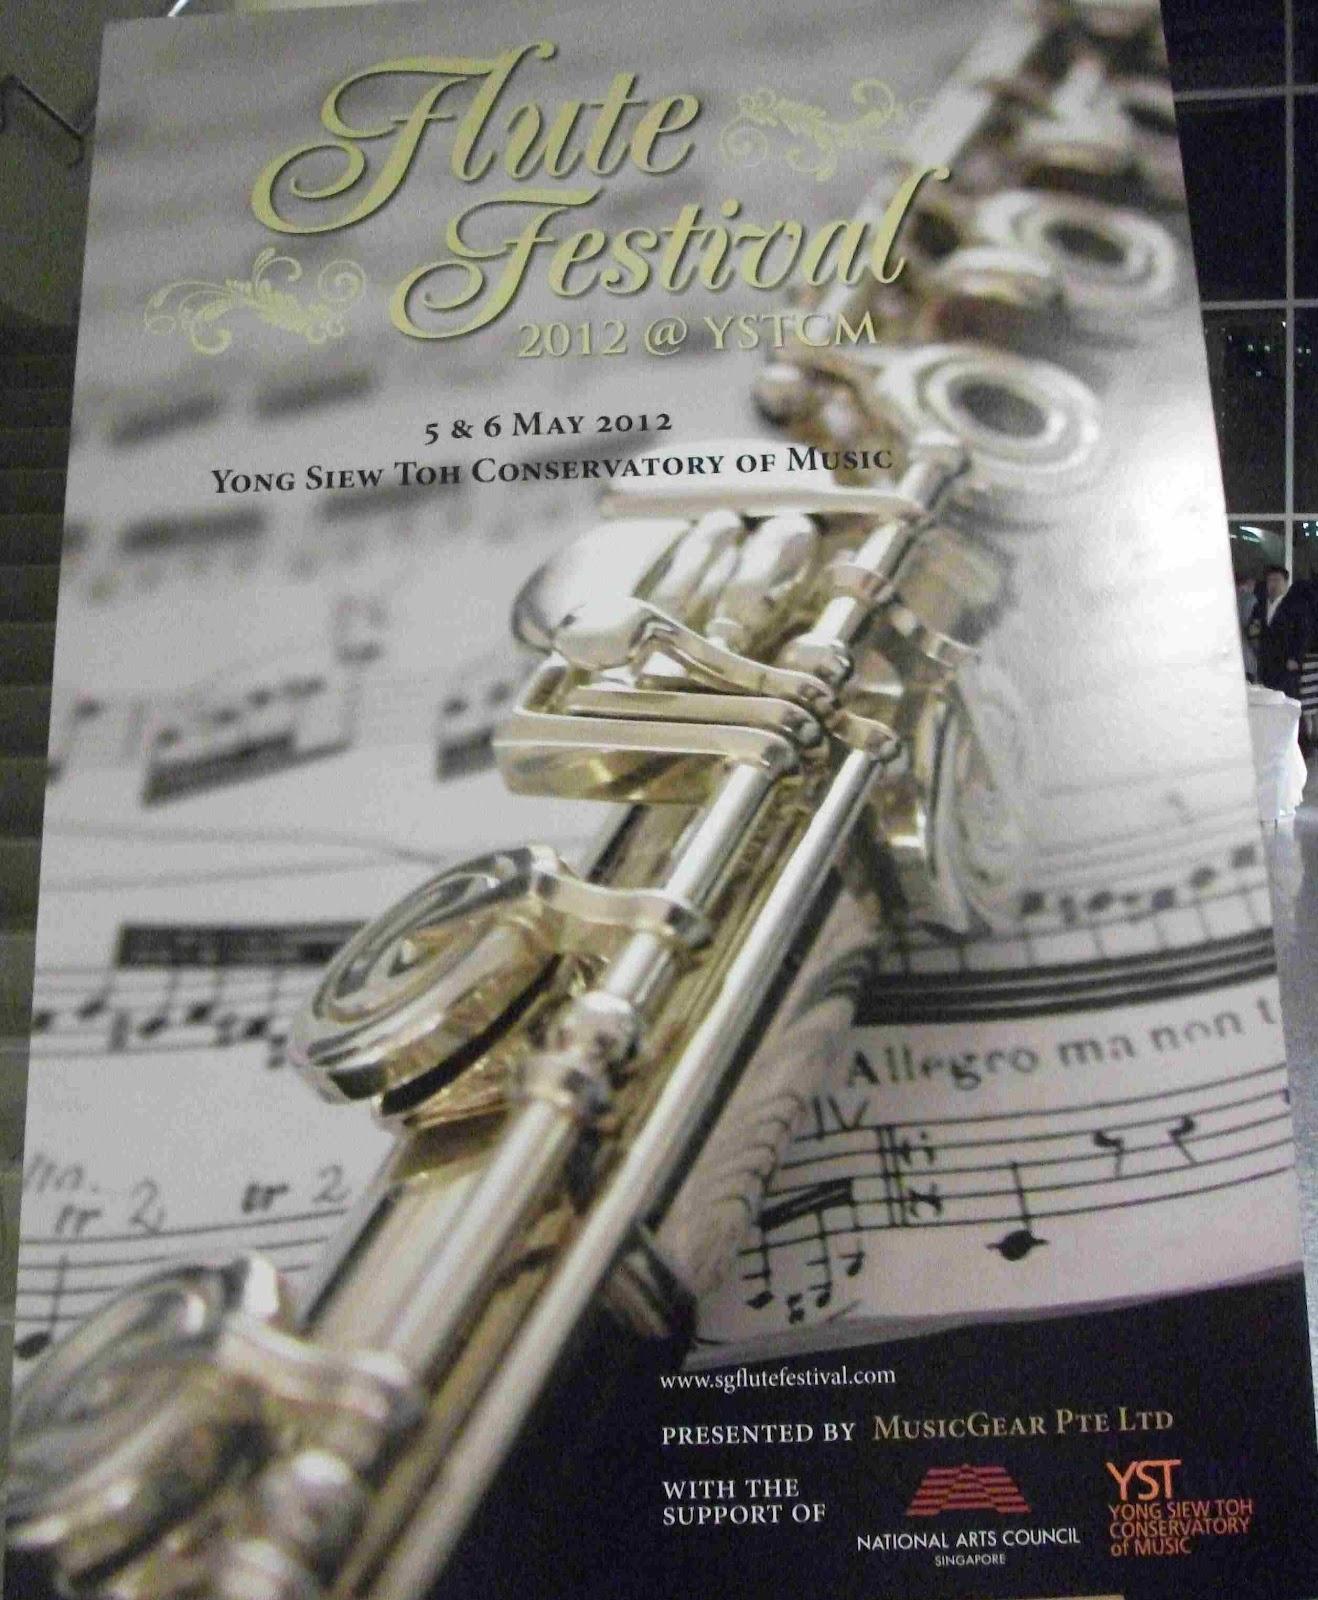 http://4.bp.blogspot.com/-xCc8BXWPpGI/T6jam9FC6JI/AAAAAAAAJUs/dy25ODpgOiM/s1600/Flute+Festival+Poster.JPG